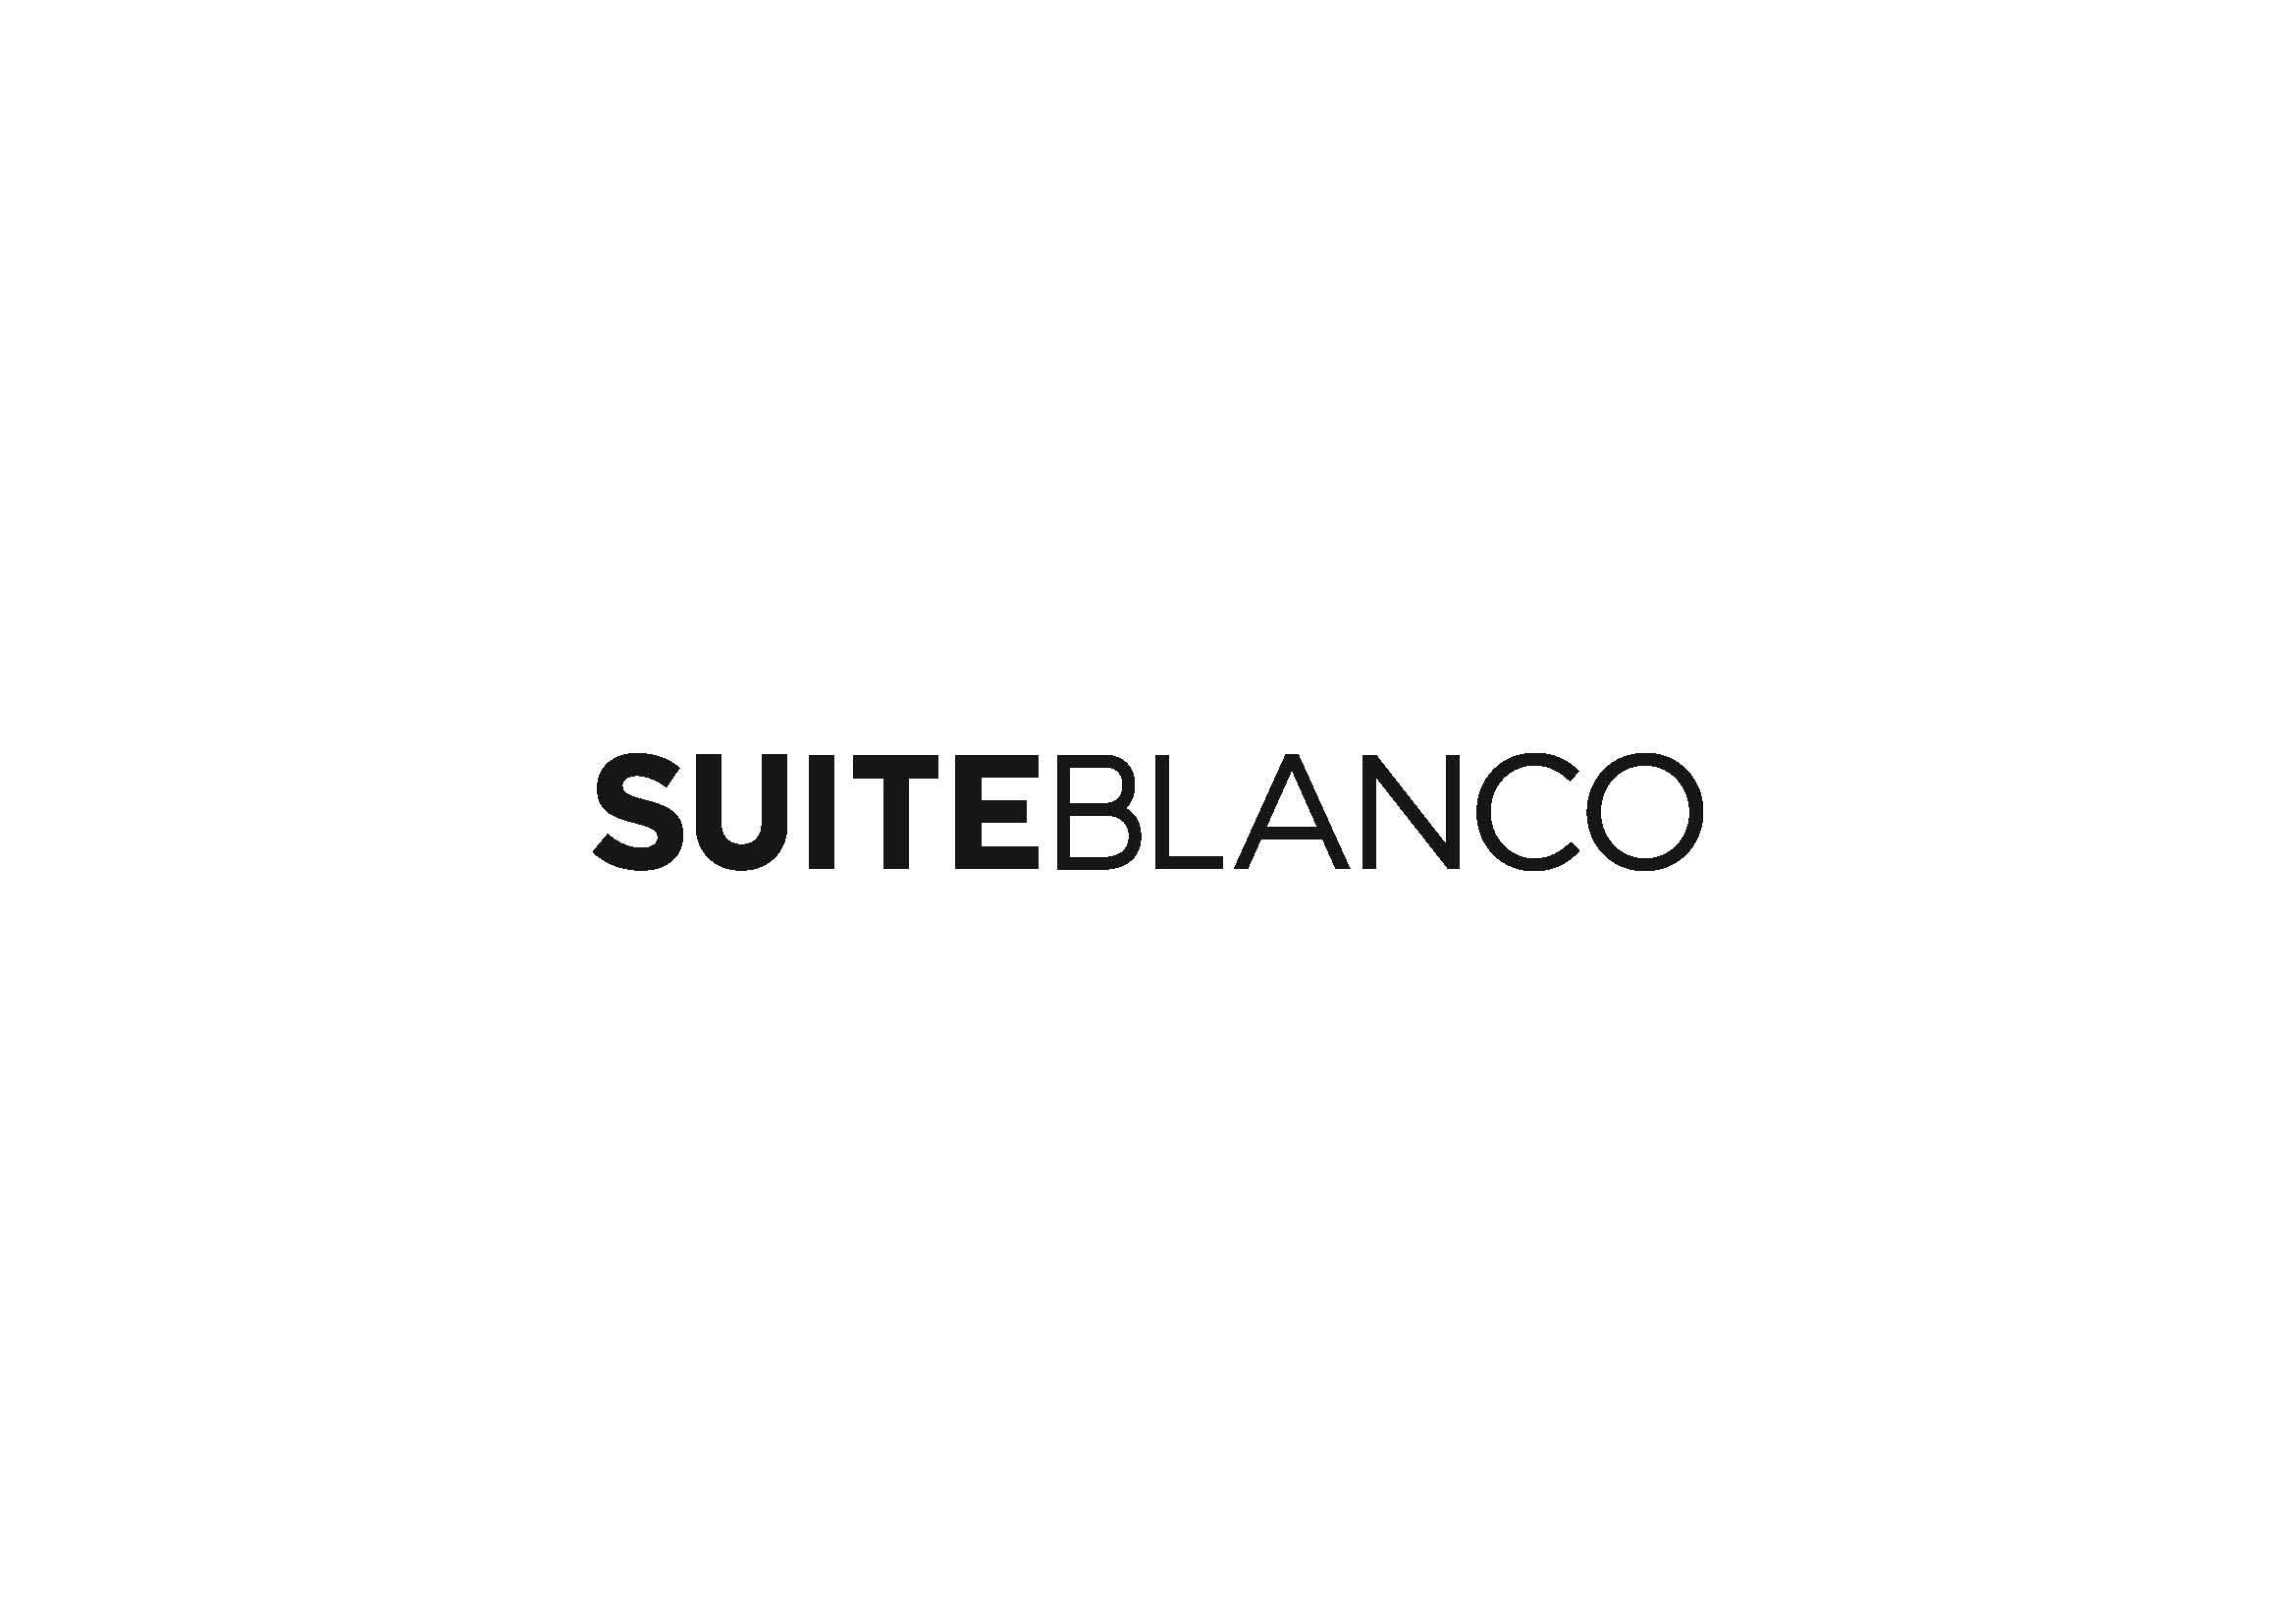 Suiteblanco